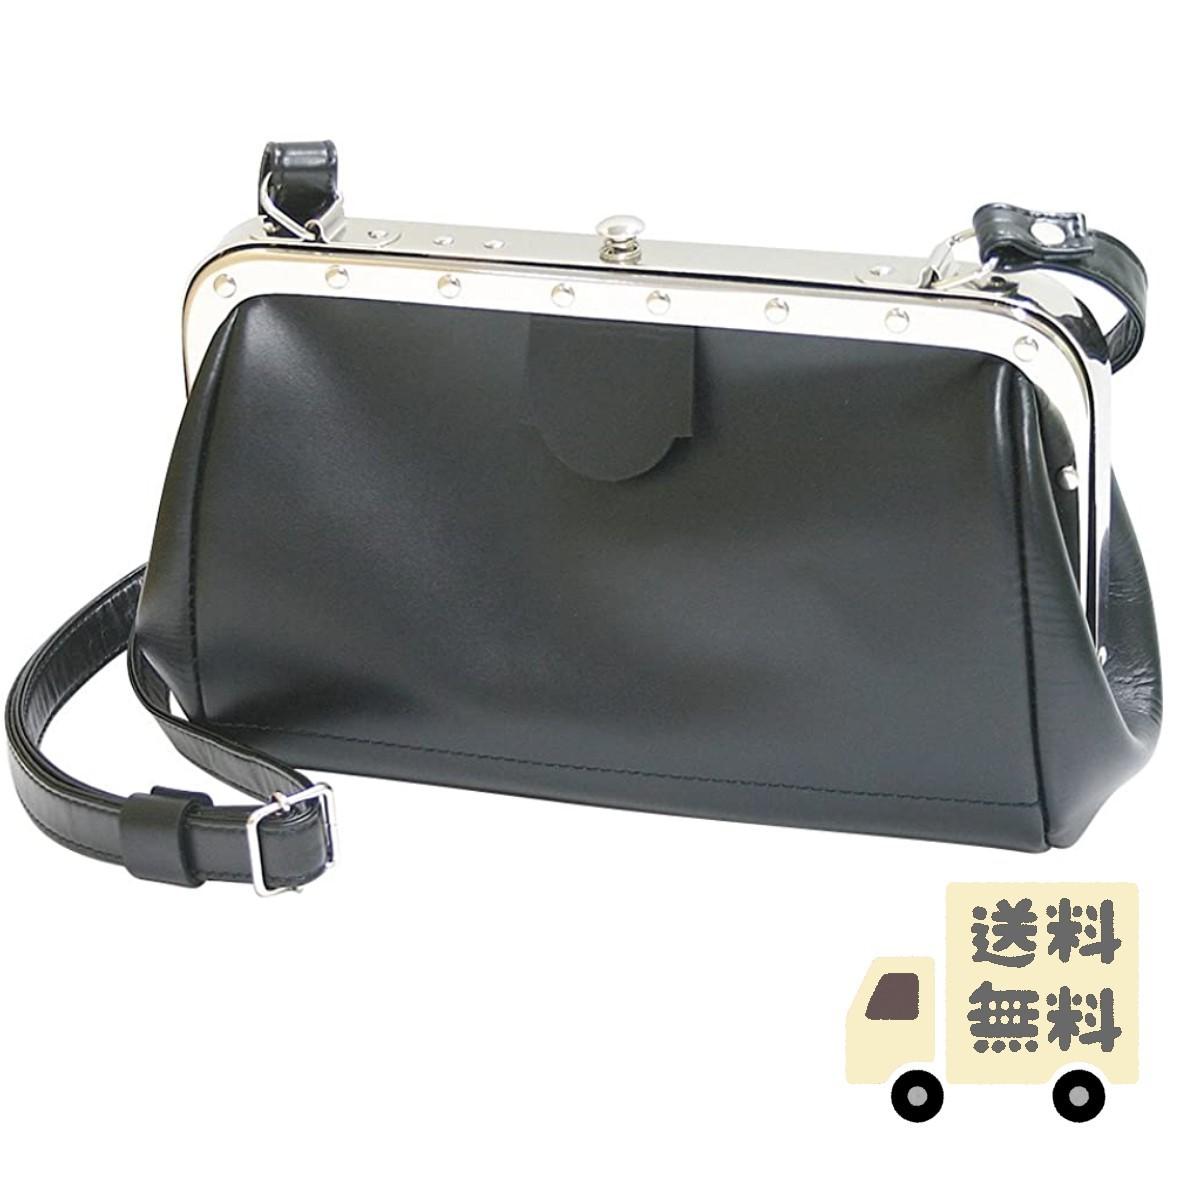 【日本製】昭和中期を代表する懐かしの車掌用鞄 / バッグ バス 鉄道 切符 昭和 レトロ 国鉄 JR